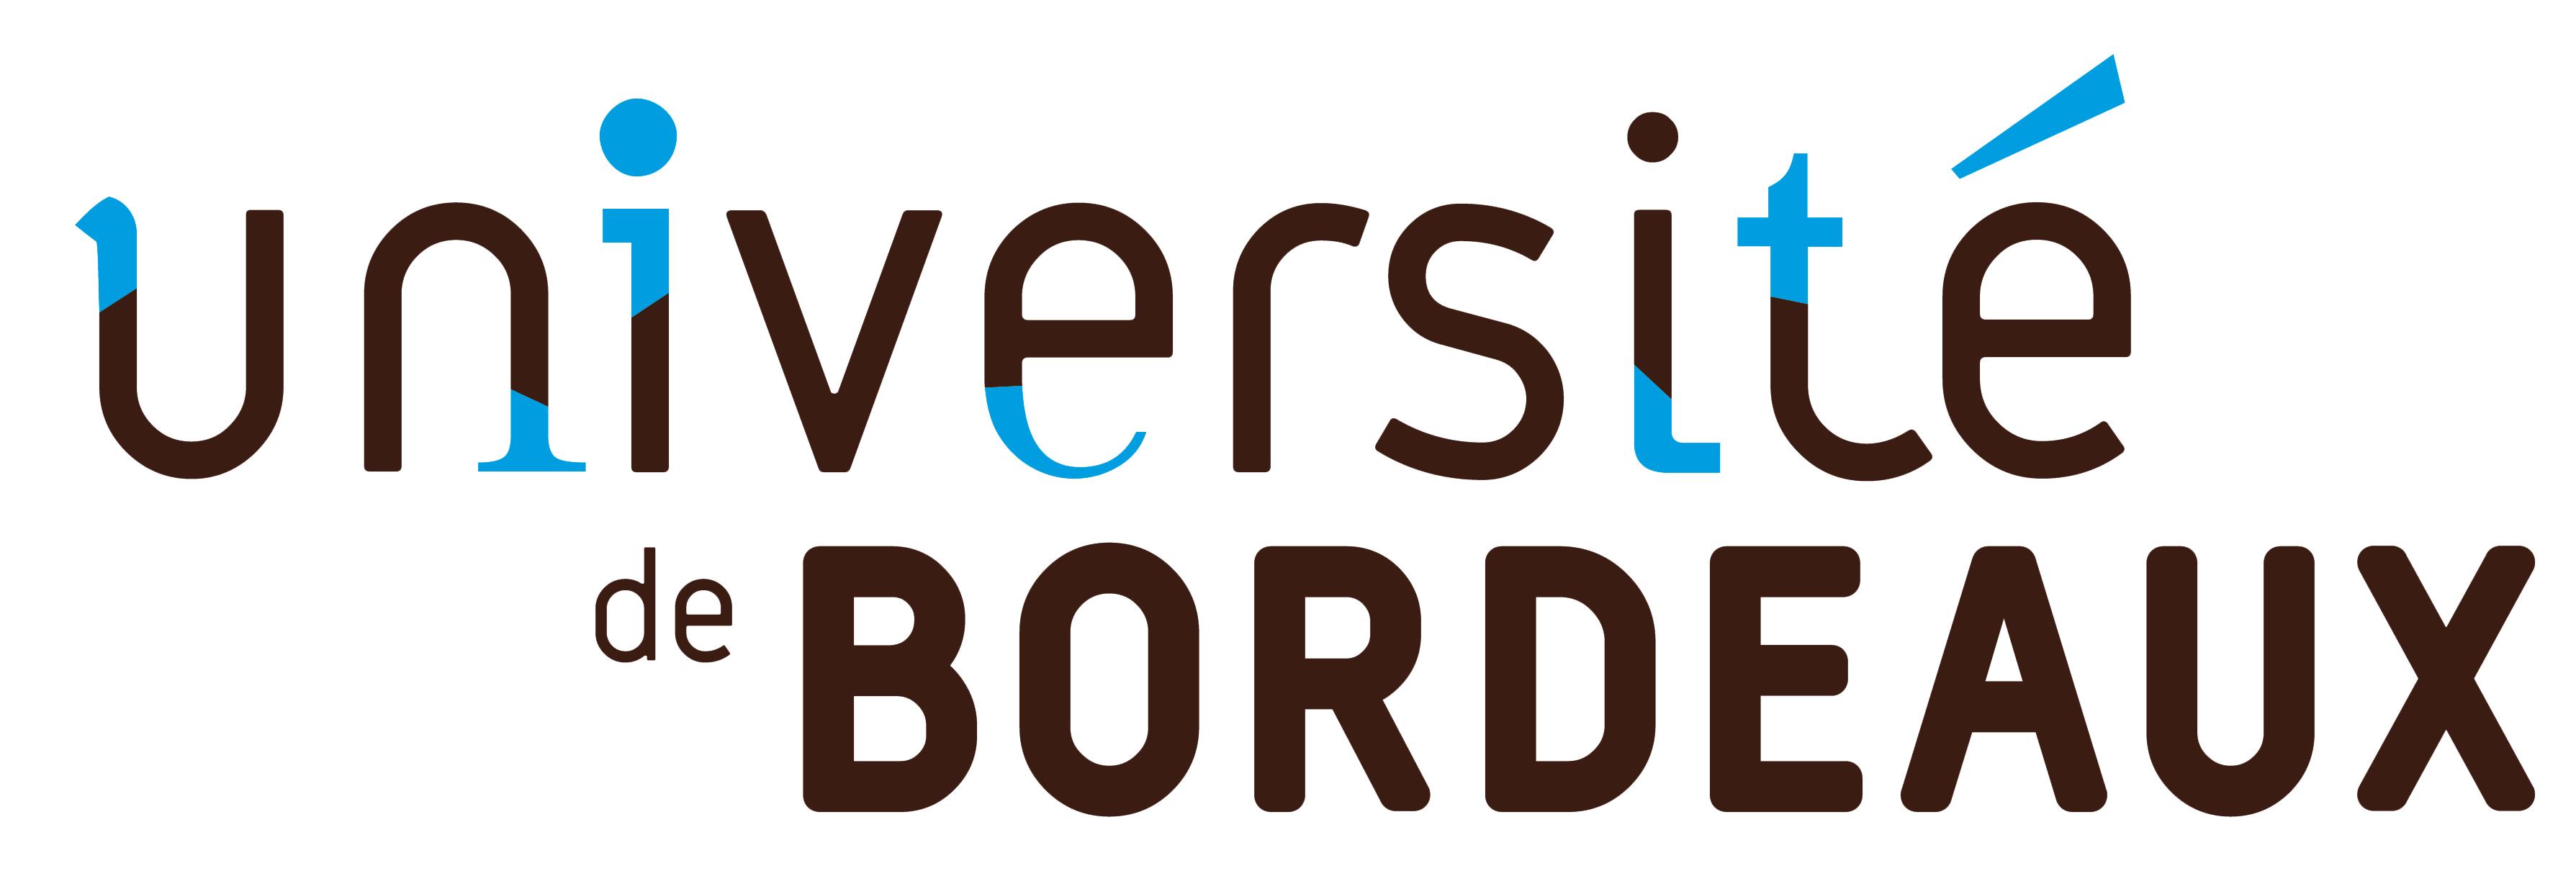 Universite_Bordeaux.png